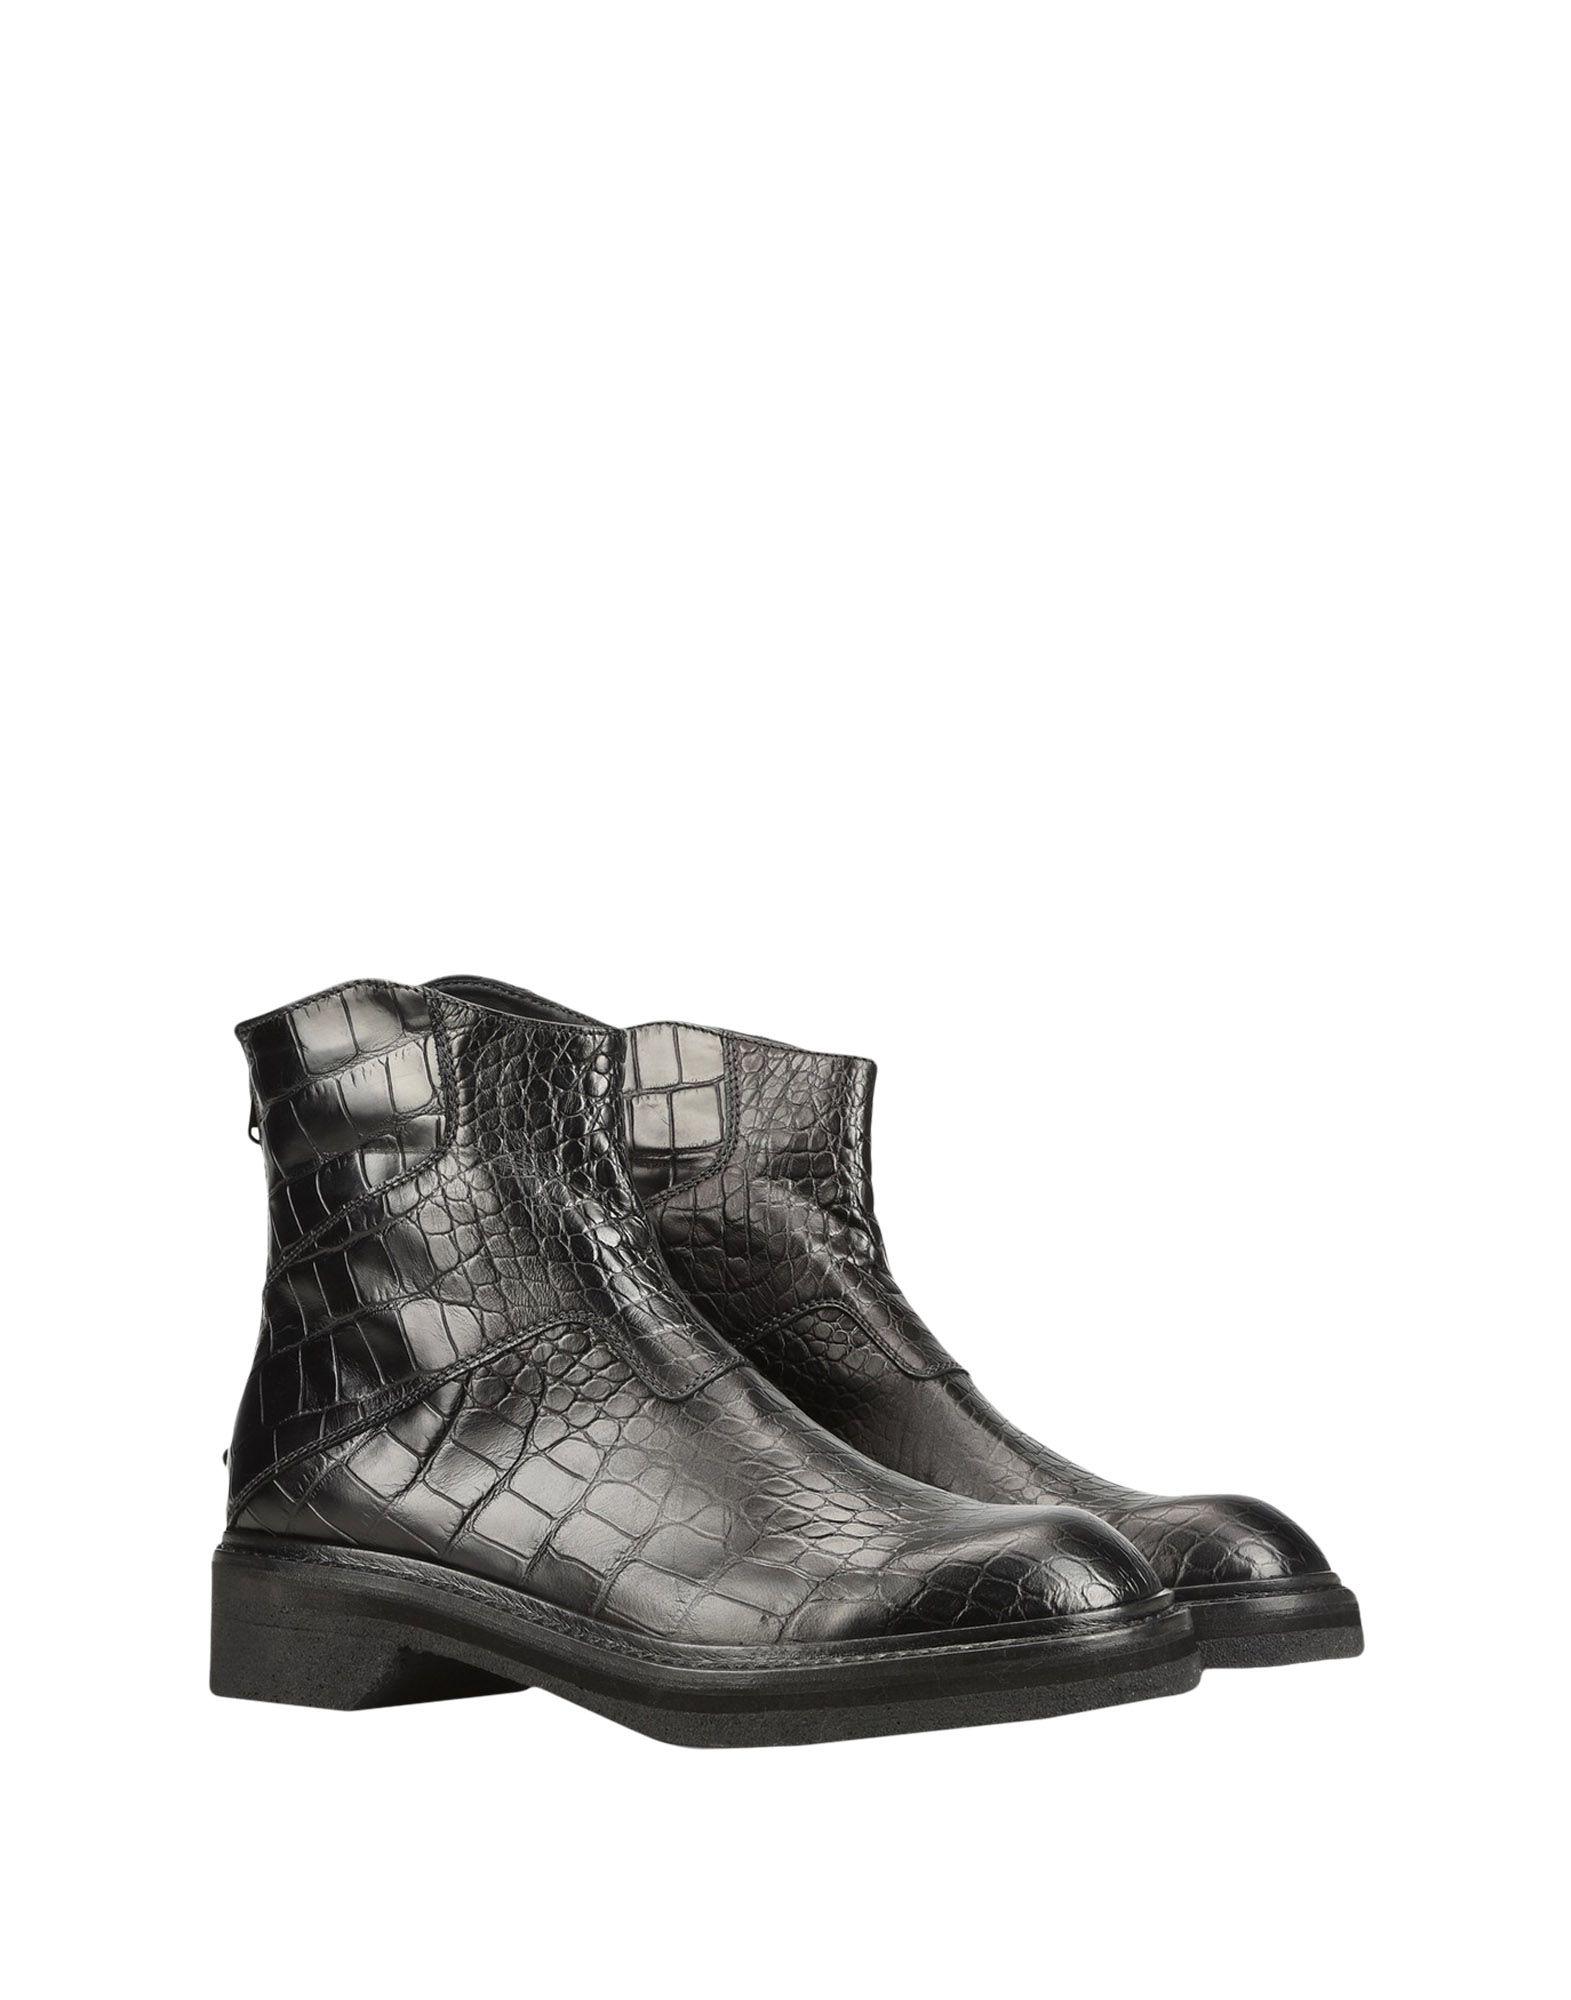 Emporio Armani Stiefelette Herren    11379856JN Neue Schuhe f91af0